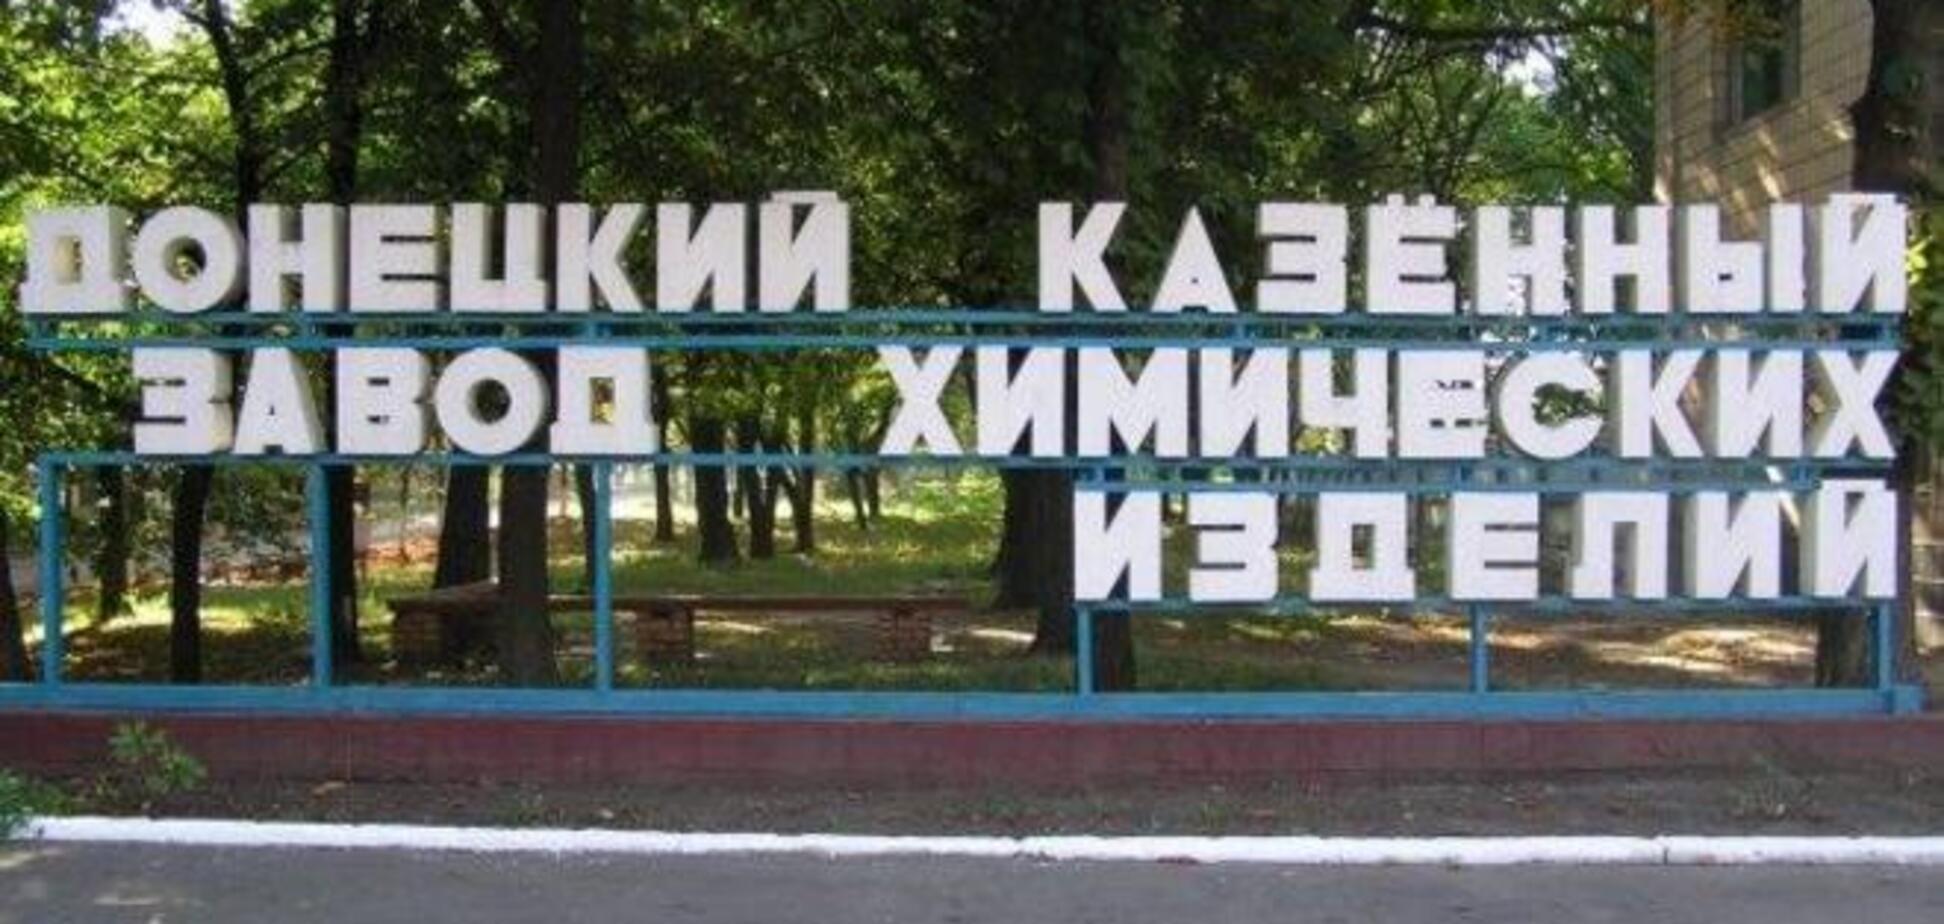 Из-за попадания снаряда загорелся Донецкий казенный завод химизделий